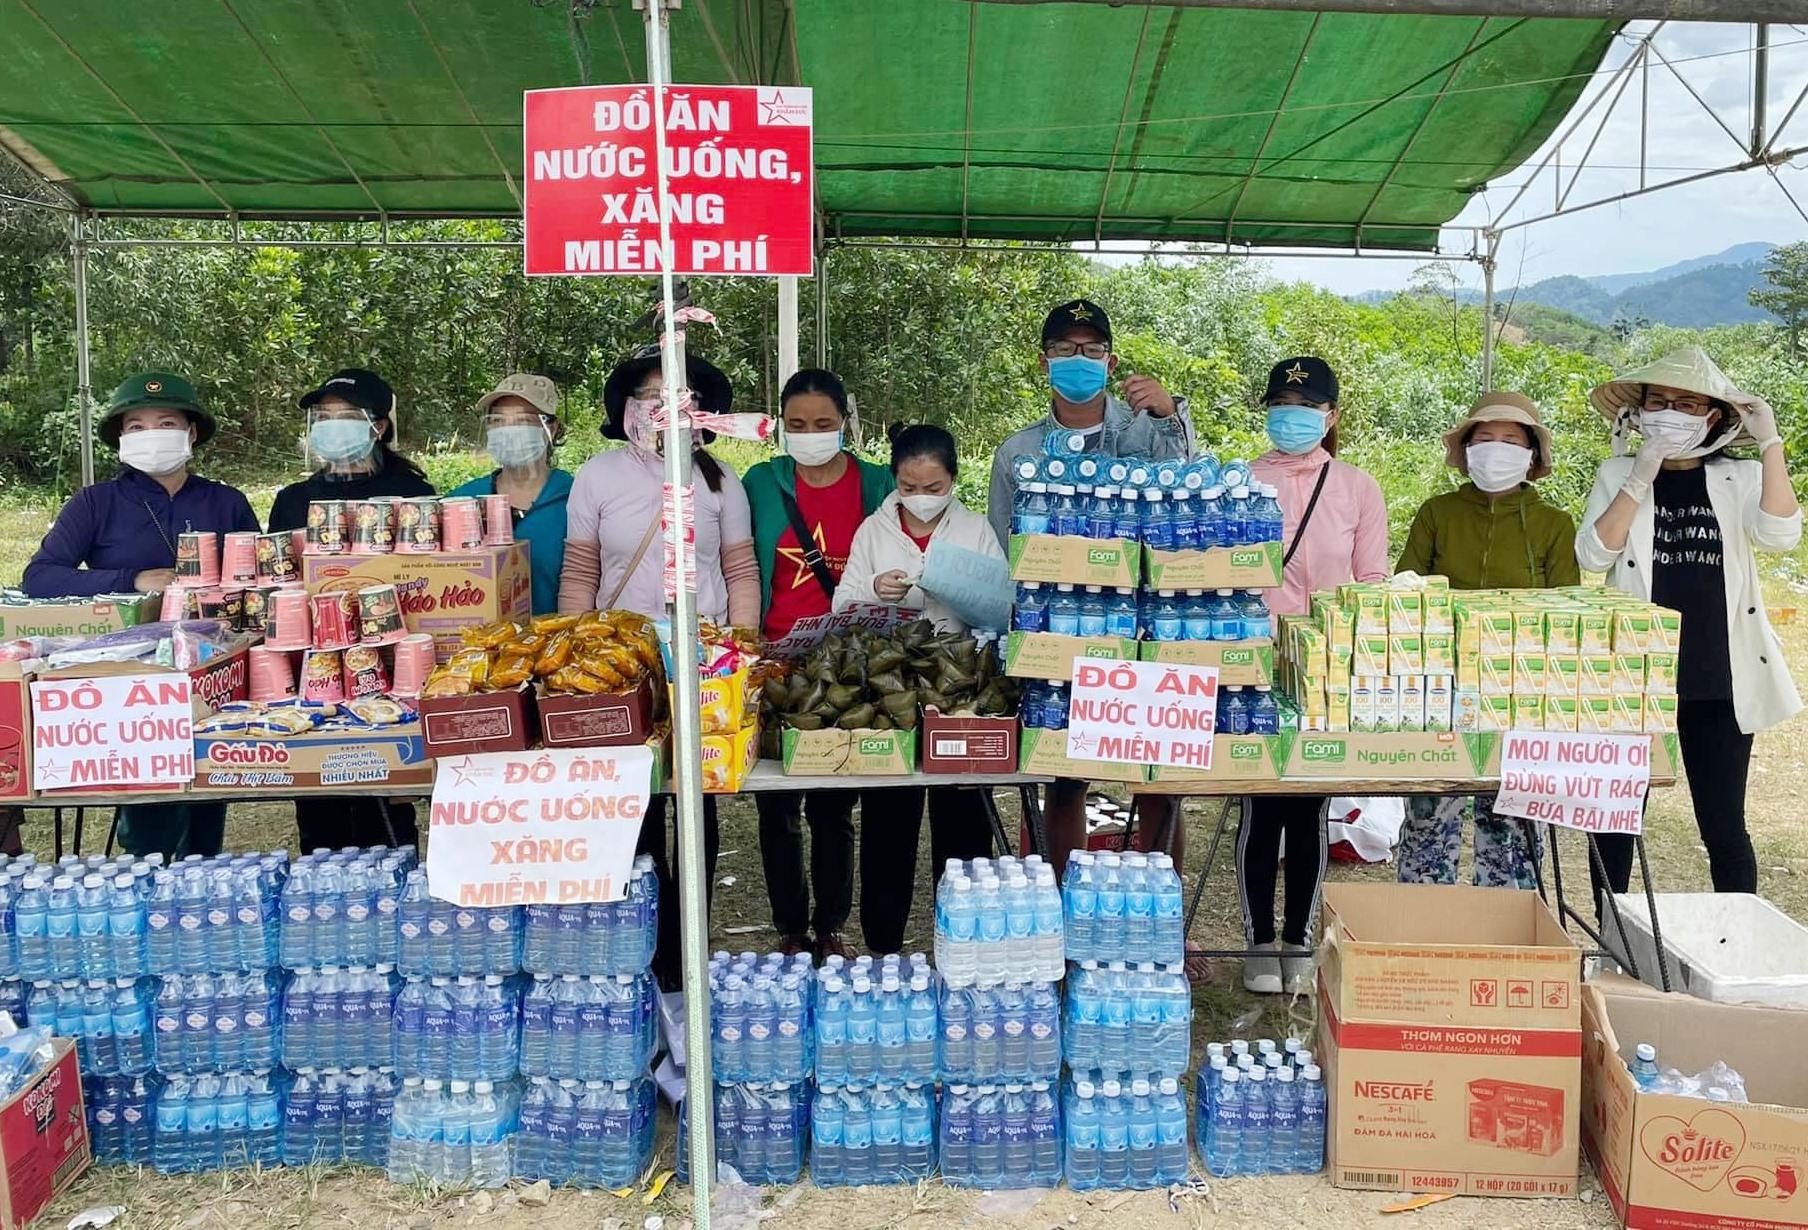 Bà con Khâm Đức đã phát đồ ăn, nước uống miễn phí cho những người hồi hương về qua chốt kiểm soát tại đèo Lò Xo. Ảnh: Đ.K